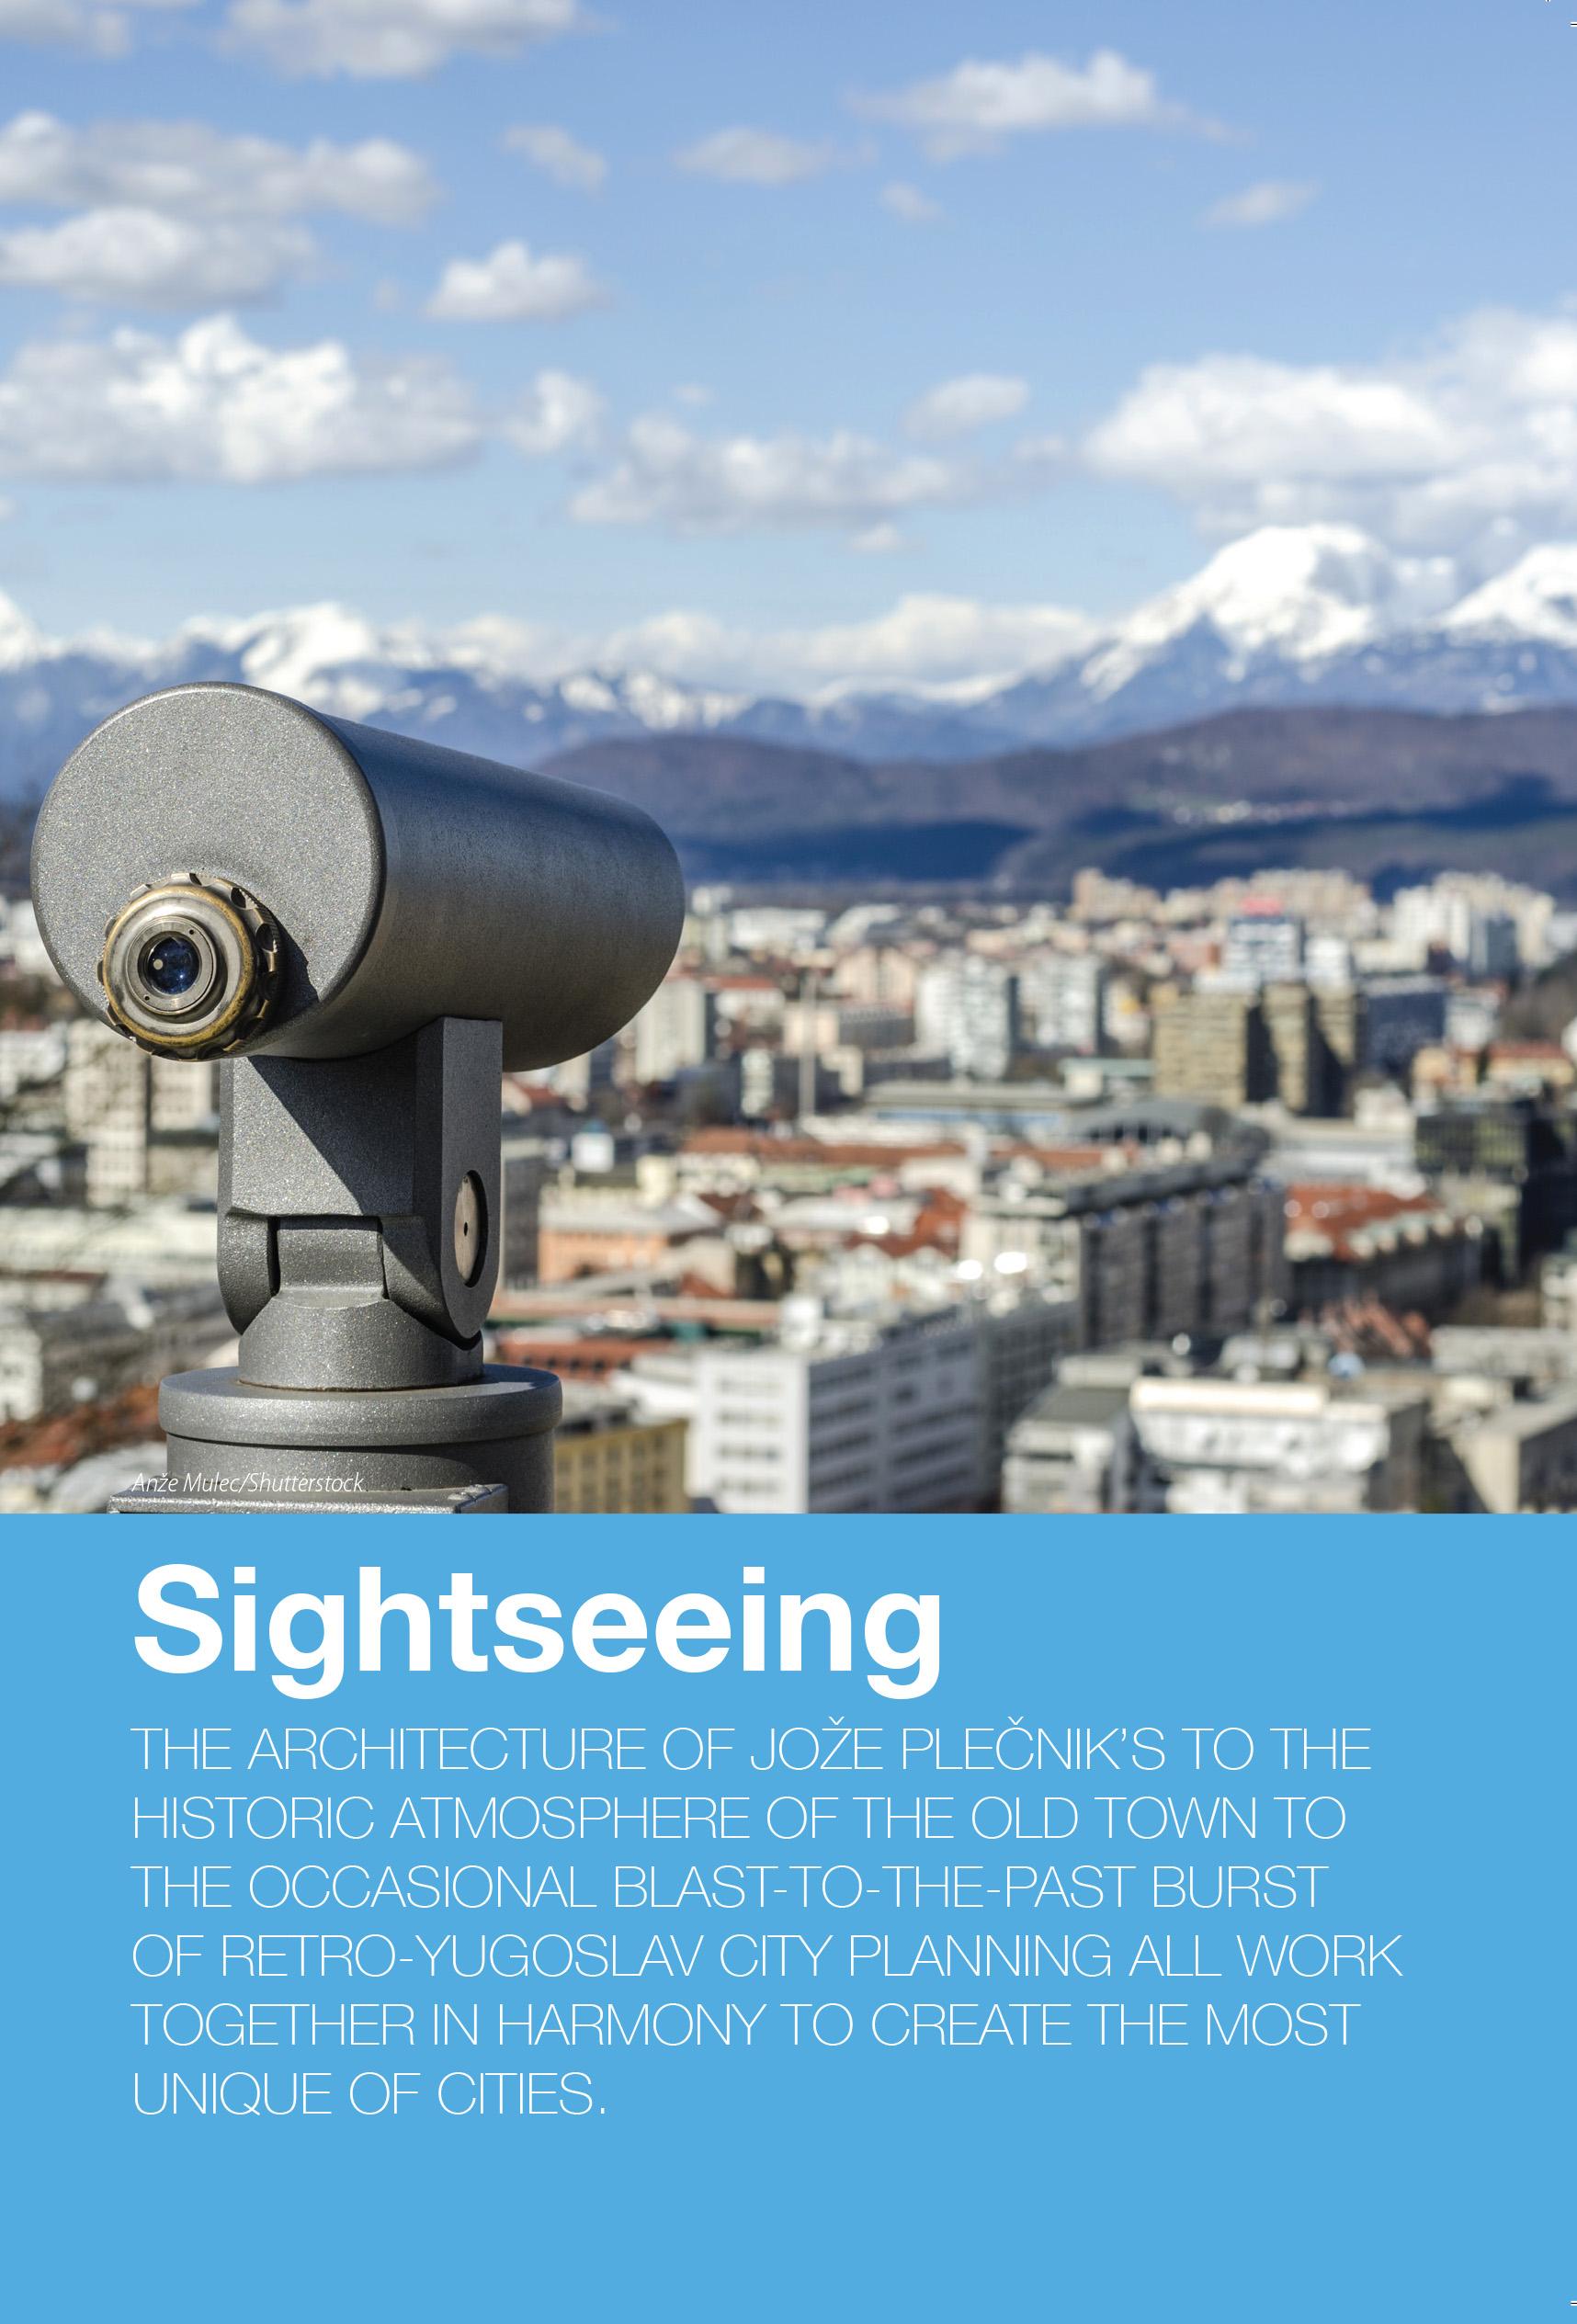 sightseeing.jpg